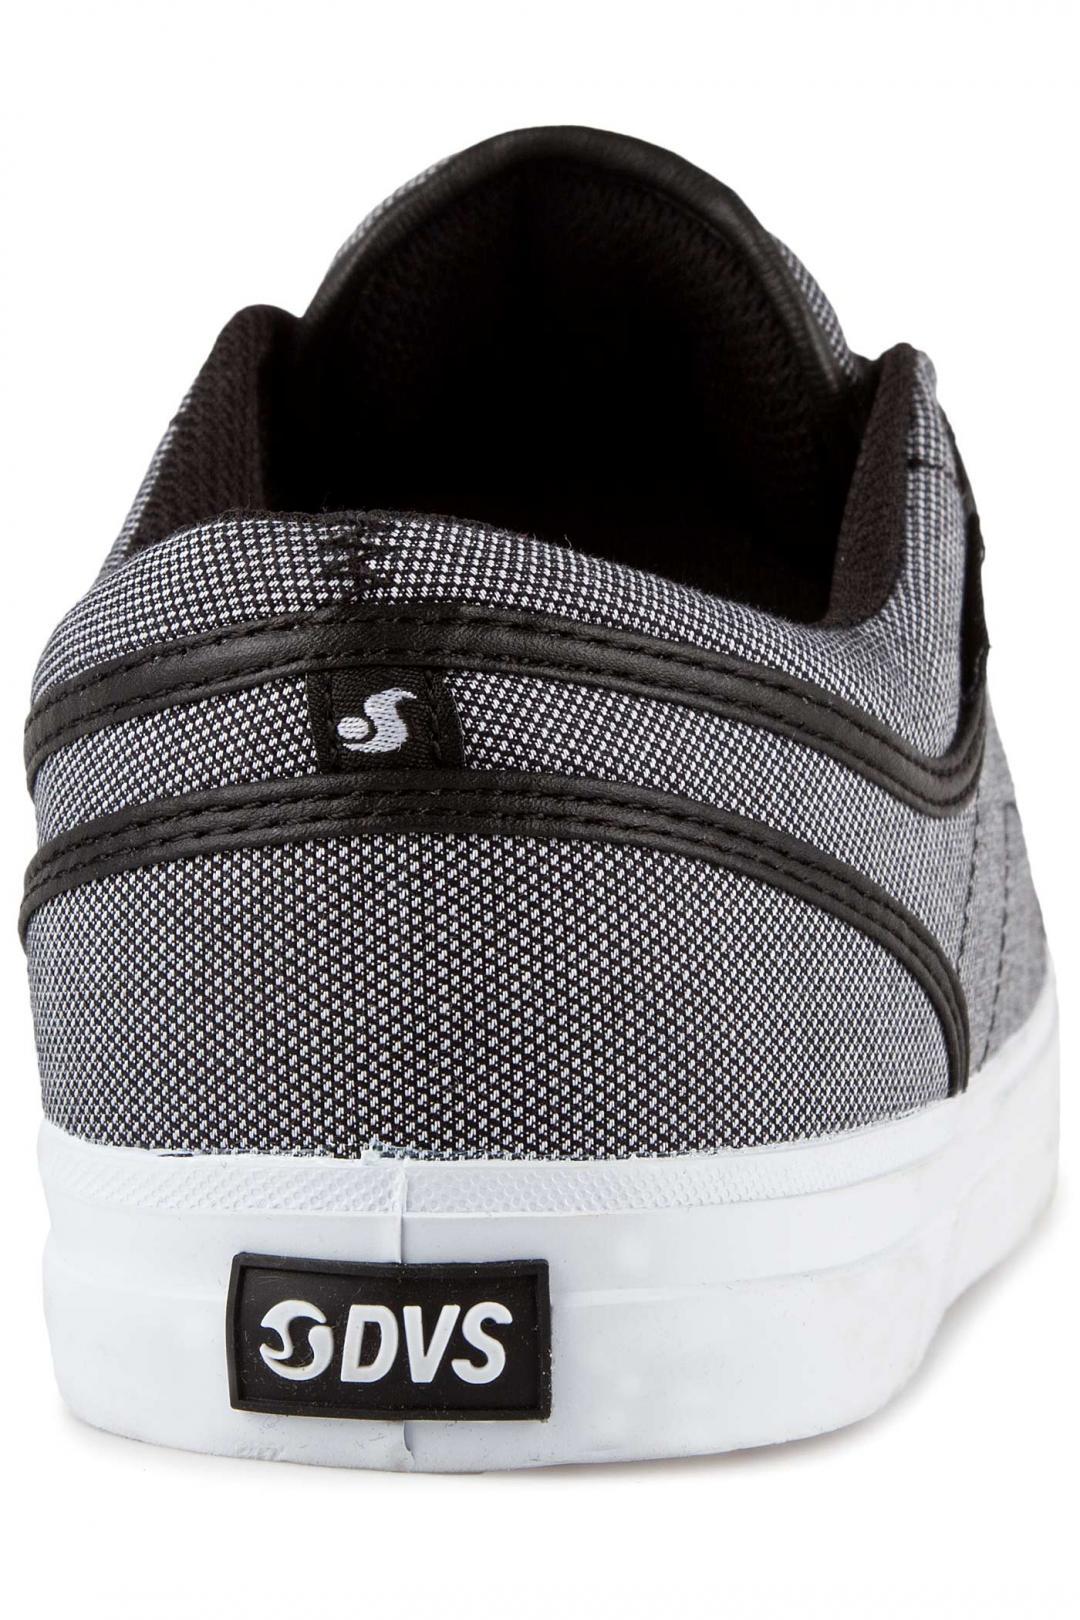 Uomo DVS Aversa black chambray | Sneakers low top